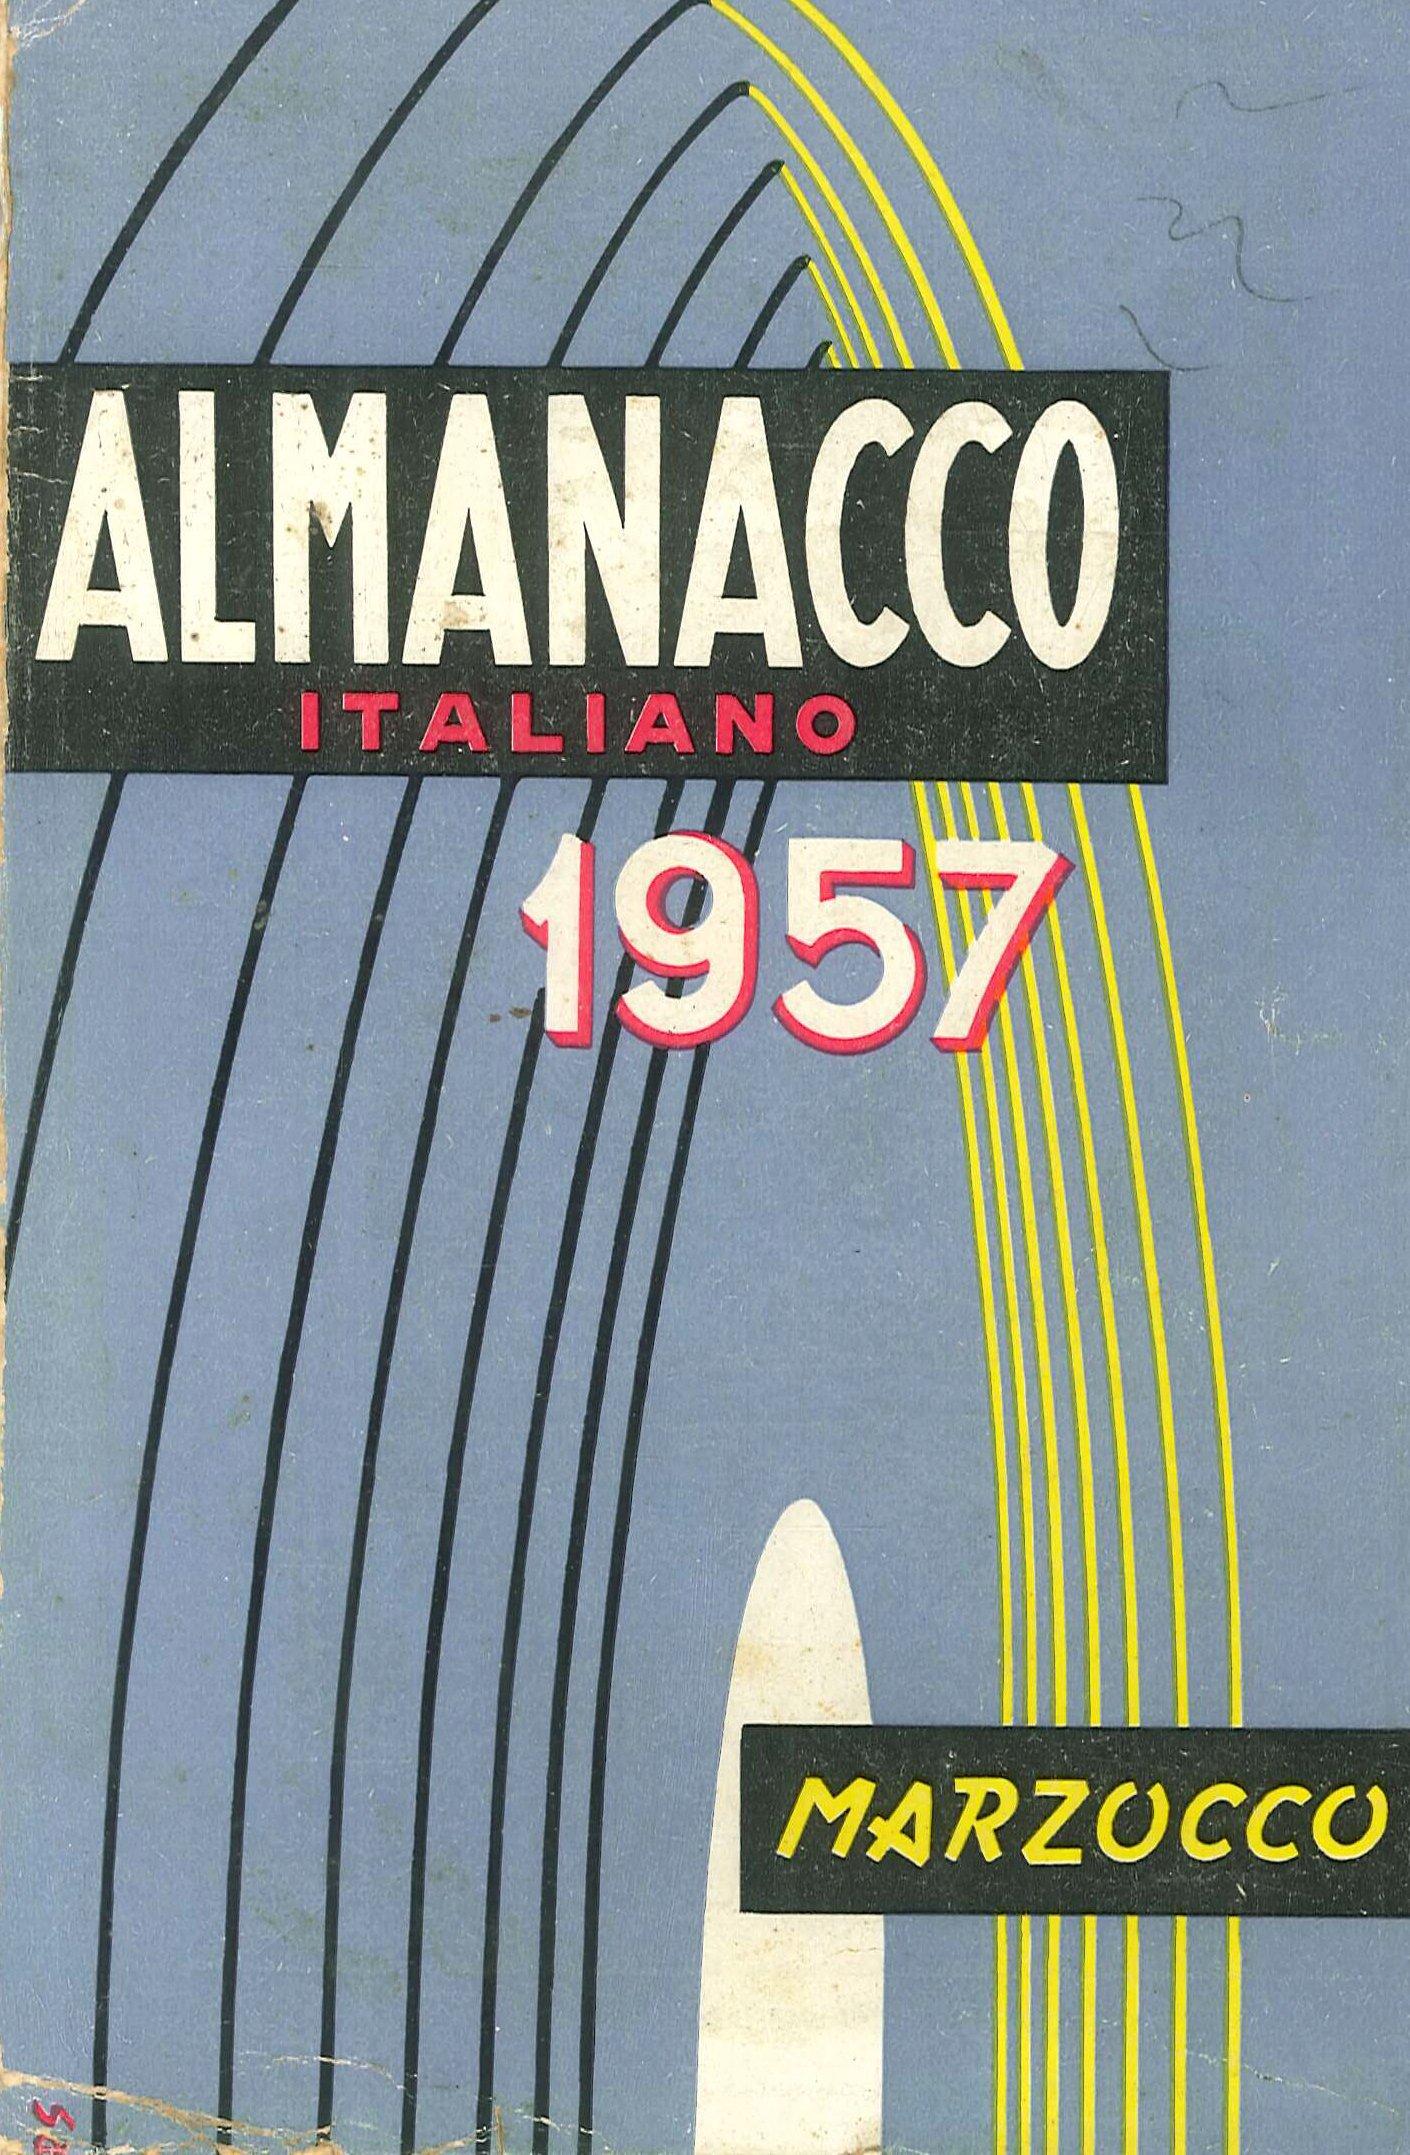 Almanacco Italiano 1957